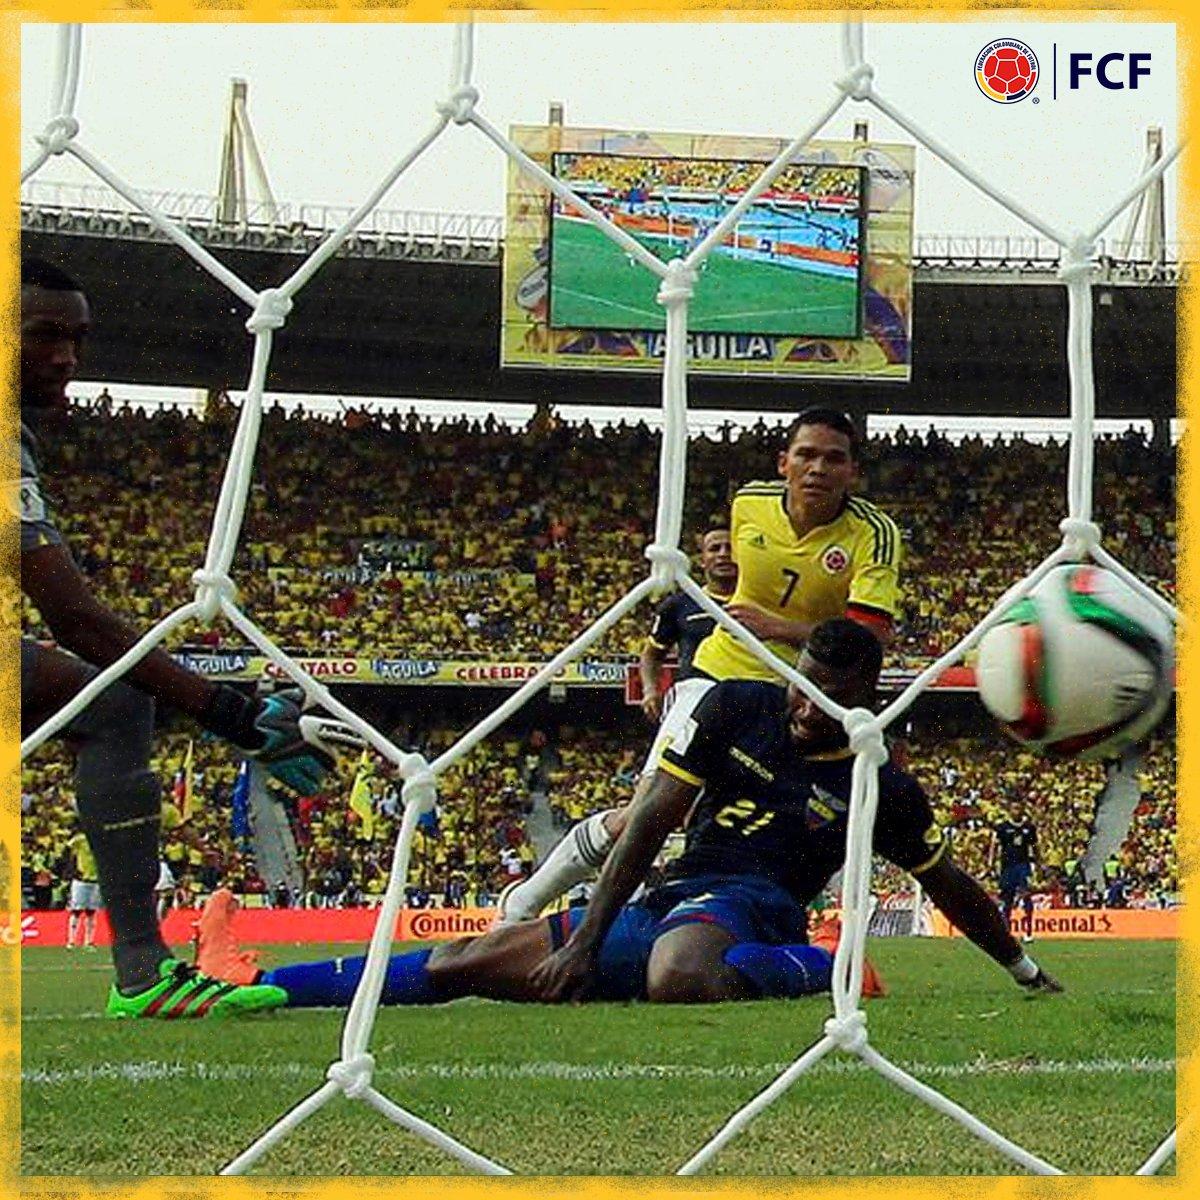 ¡Gooool de Colombia!  El tiqui-taca entre @jamesdrodriguez, @Cuadrado y @carlos7bacca terminó en el tercer gol de Colombia ⚽️🏃♂️  ¡Qué demostración de buen fútbol! 💪   🇨🇴3⃣-0⃣🇪🇨  #EnModoEliminatorias #ViveElGolCaracol https://t.co/DV4ecGJxhr